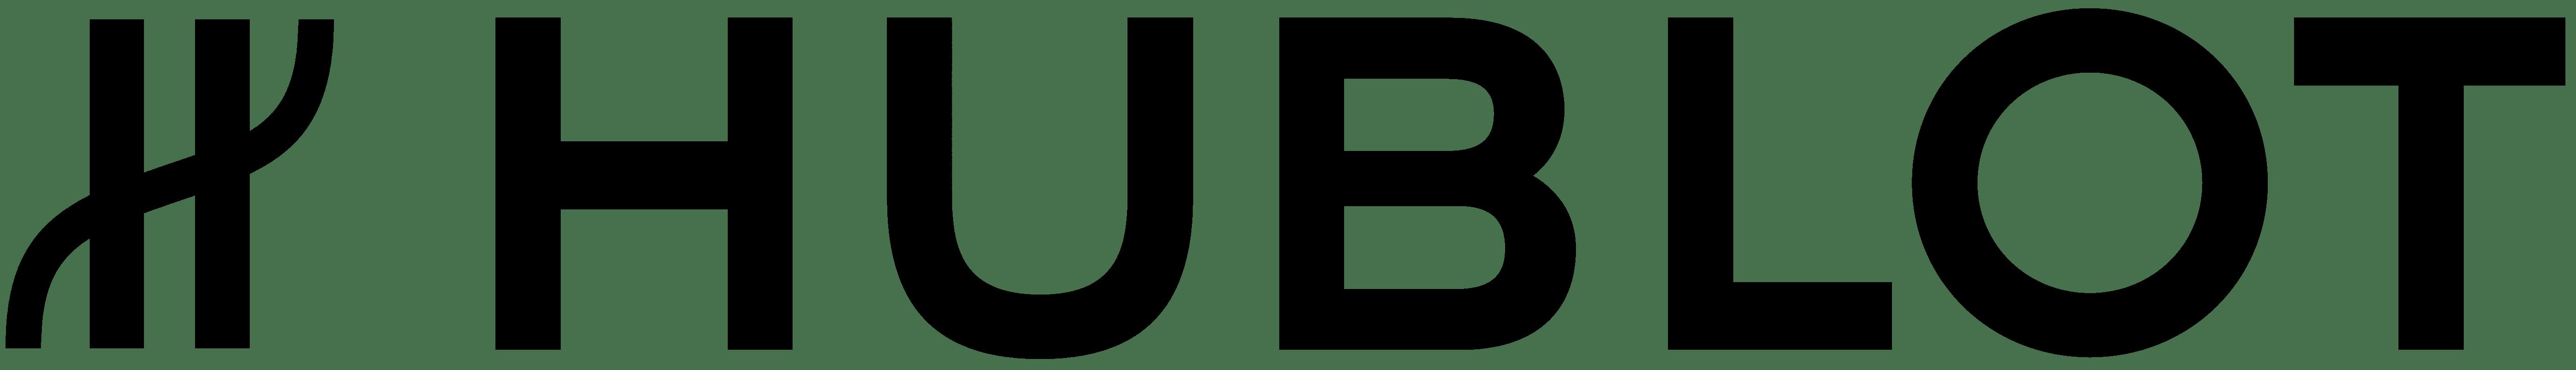 Image result for HUBLOT logo